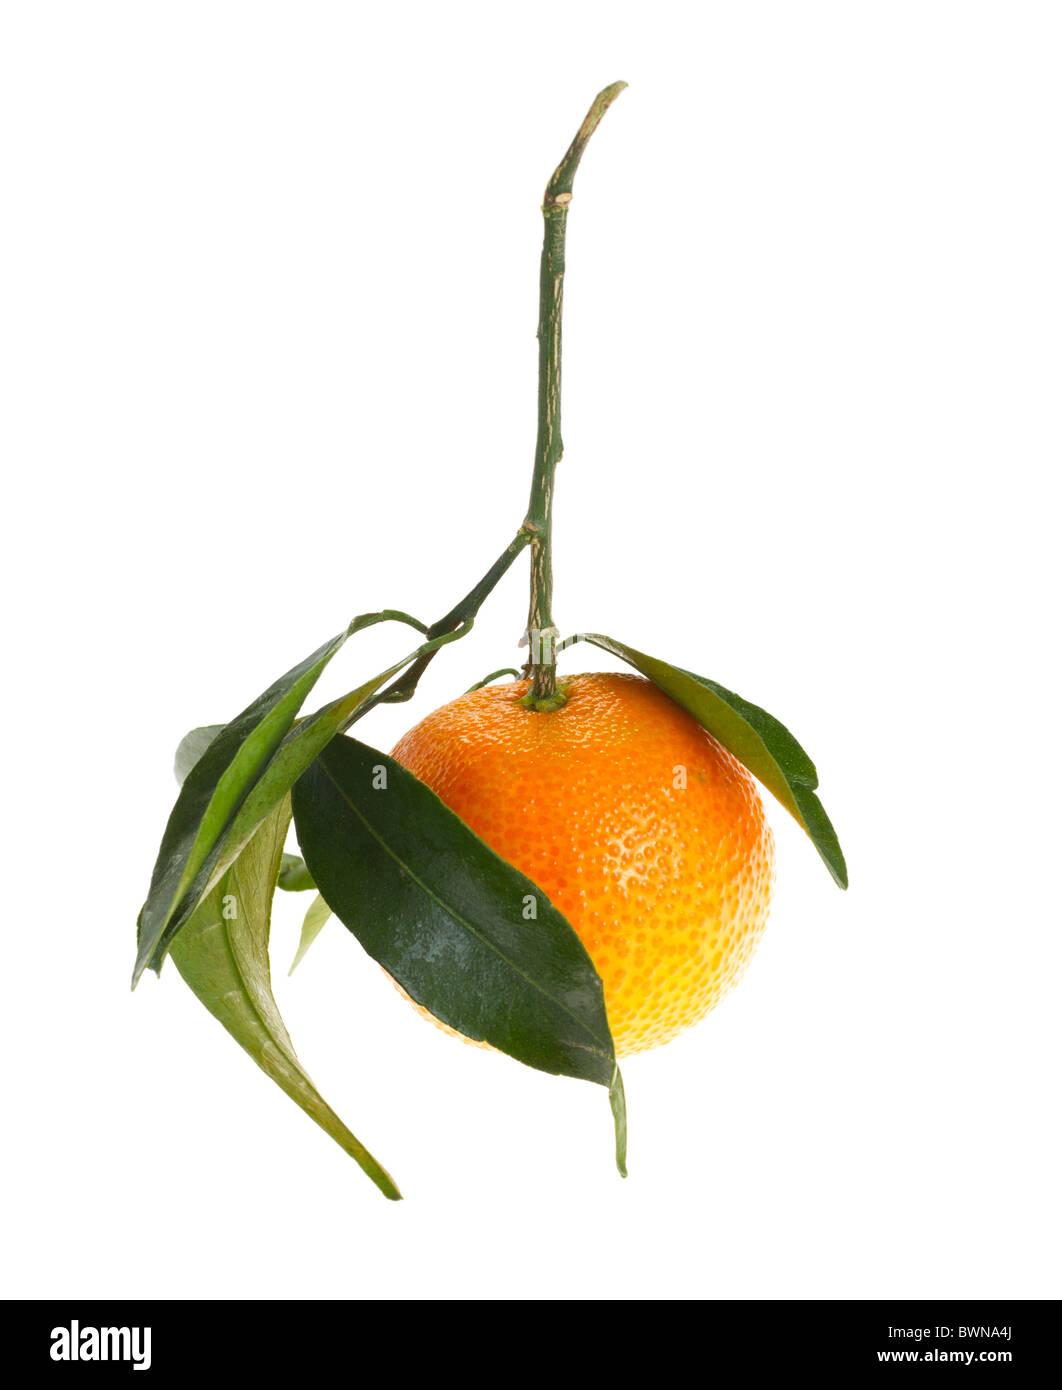 mandarin orange with leaves, isolated - Stock Image